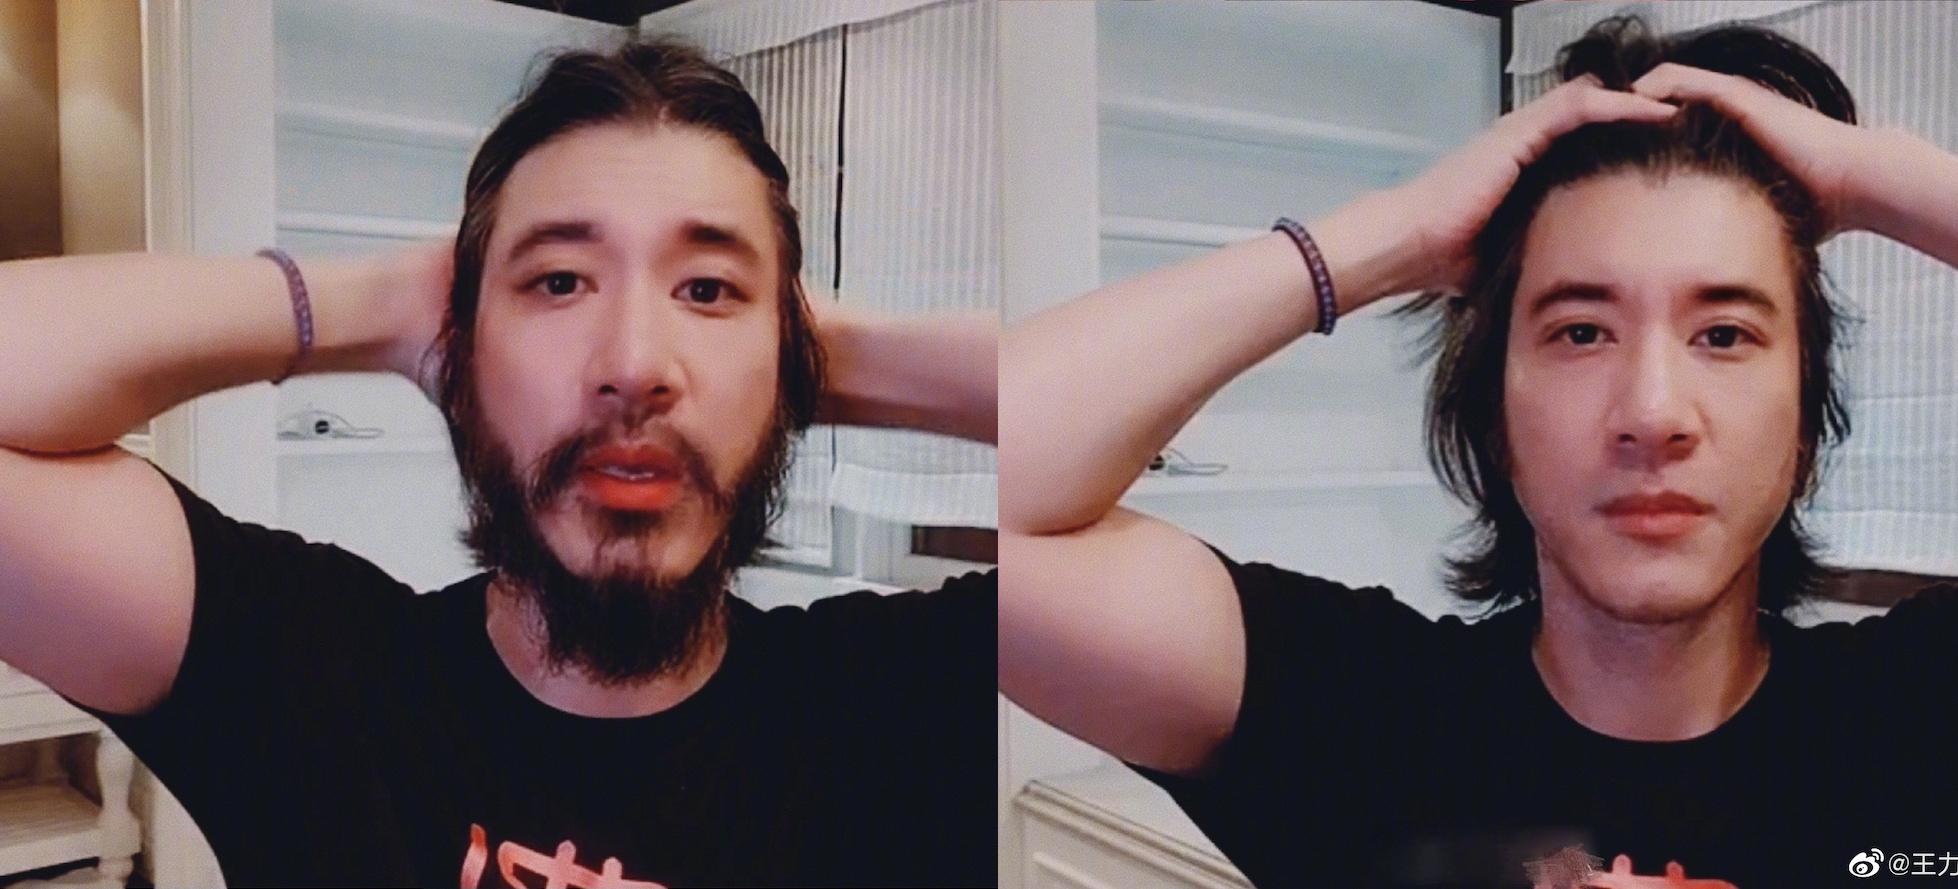 Ngoại hình mới của Vương Lực Hoành sau khi cạo râu.